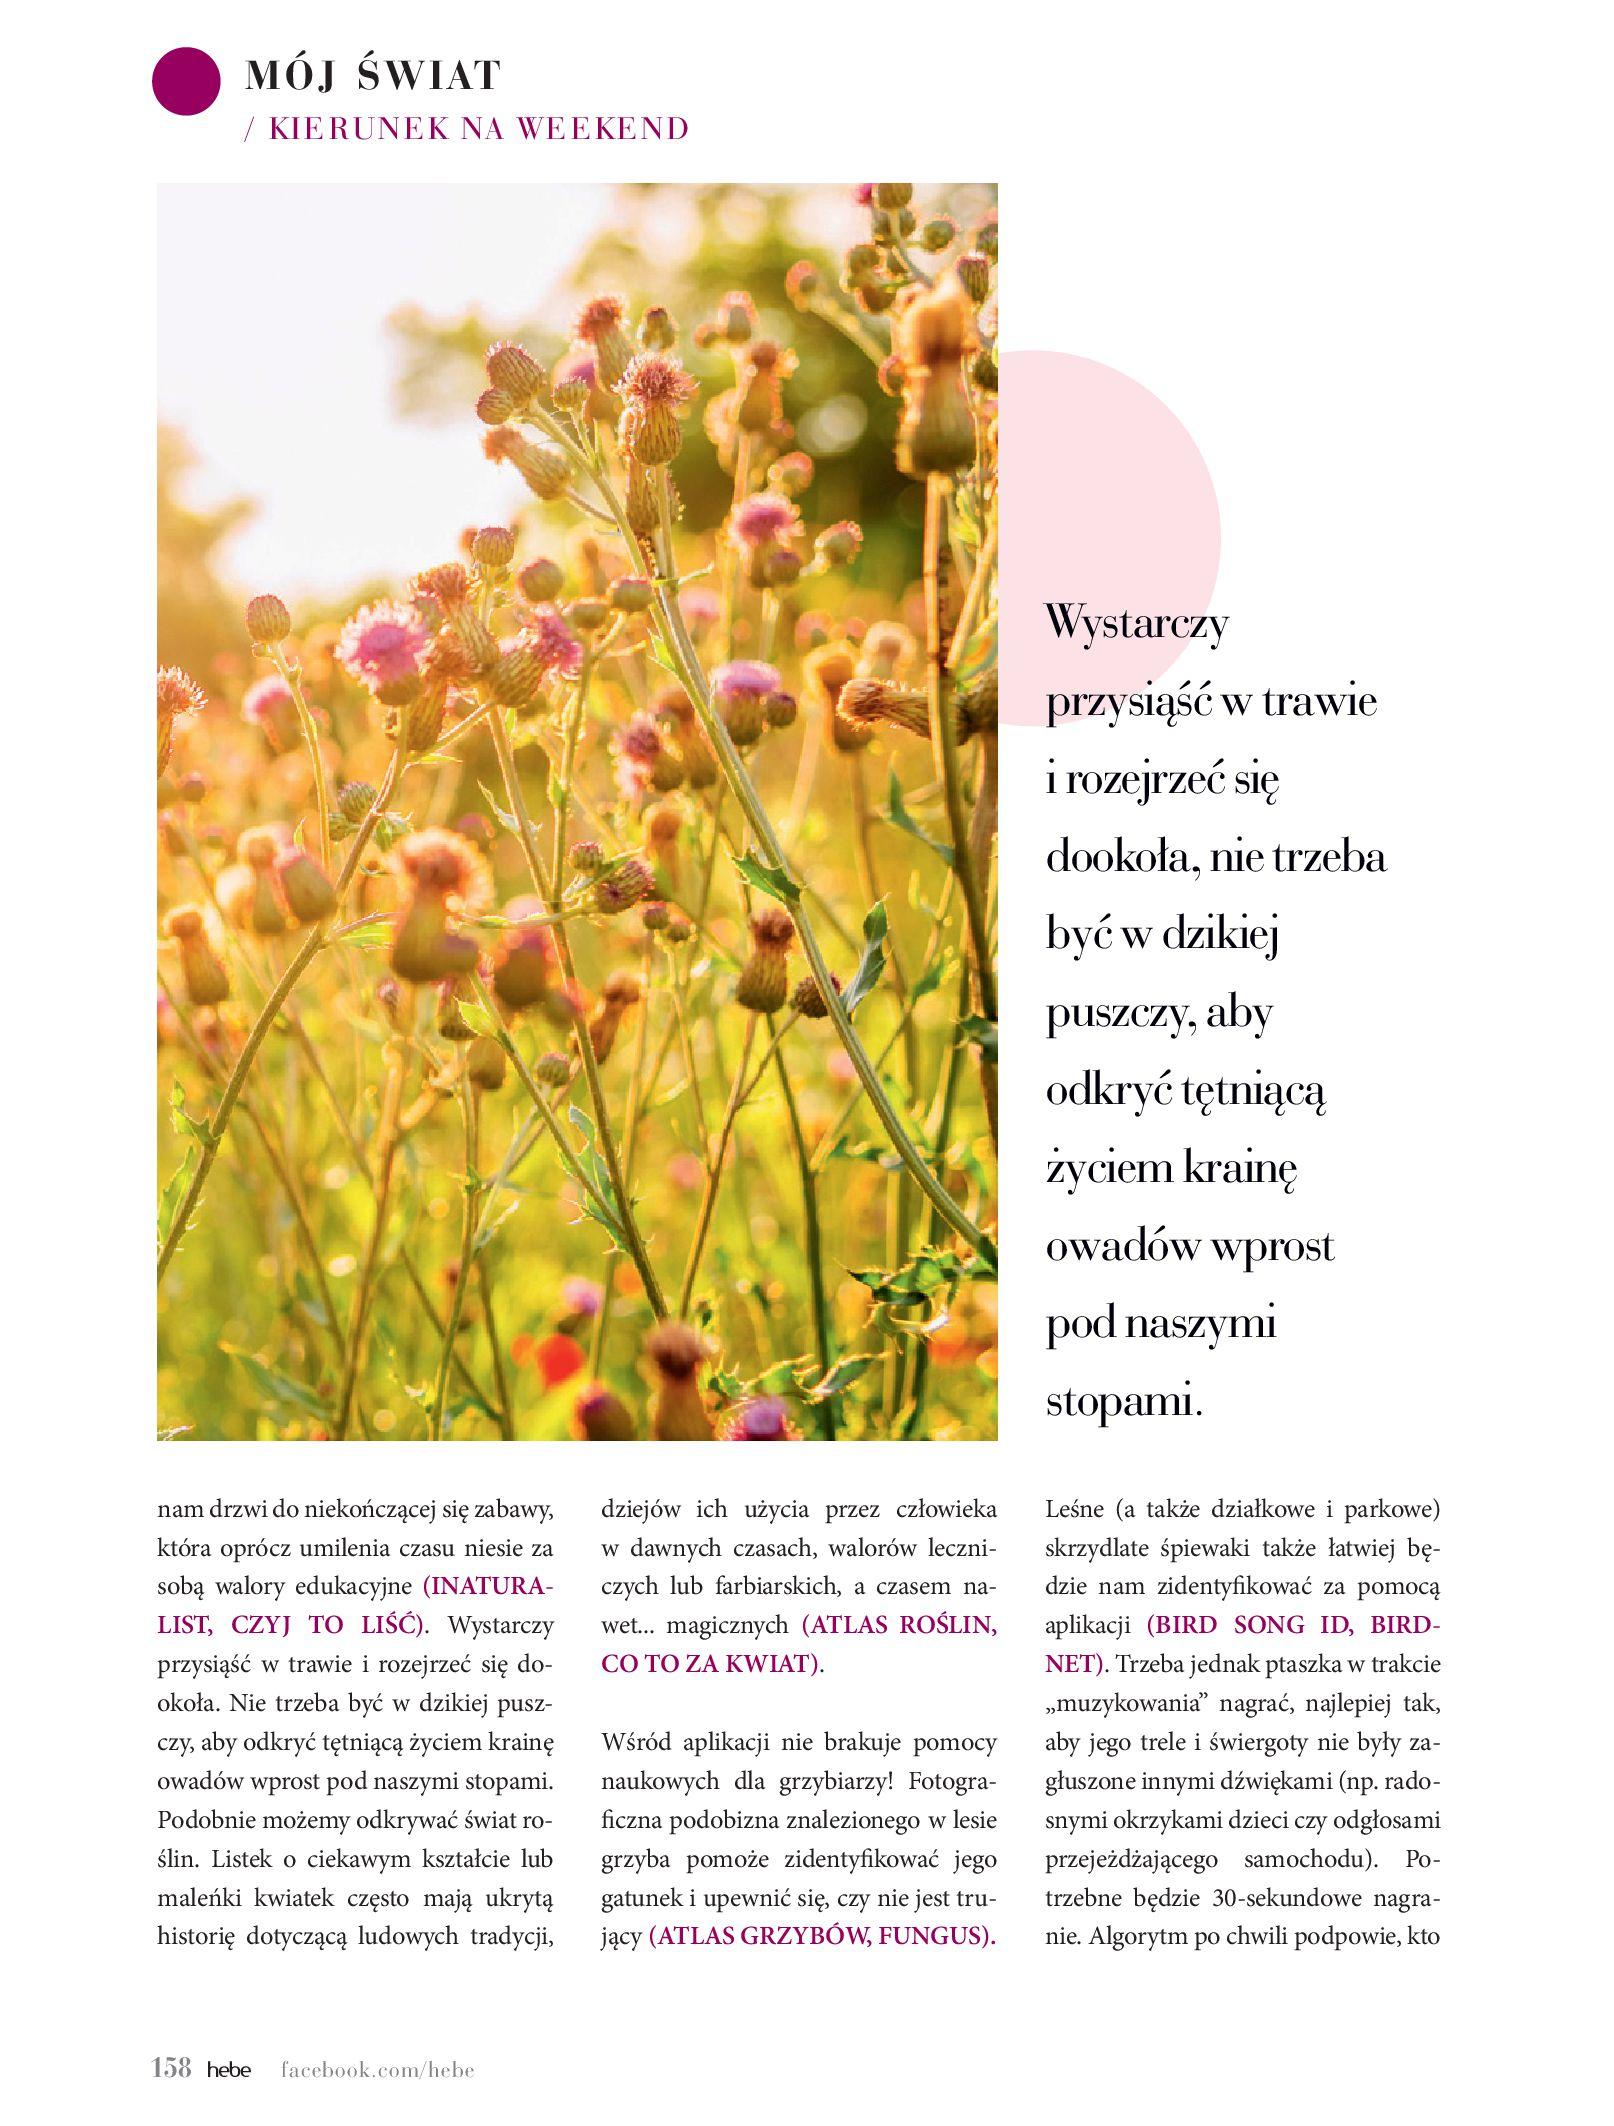 Gazetka hebe: Magazyn hebe - TURBO nawilżanie po urlopie 2021-09-01 page-158